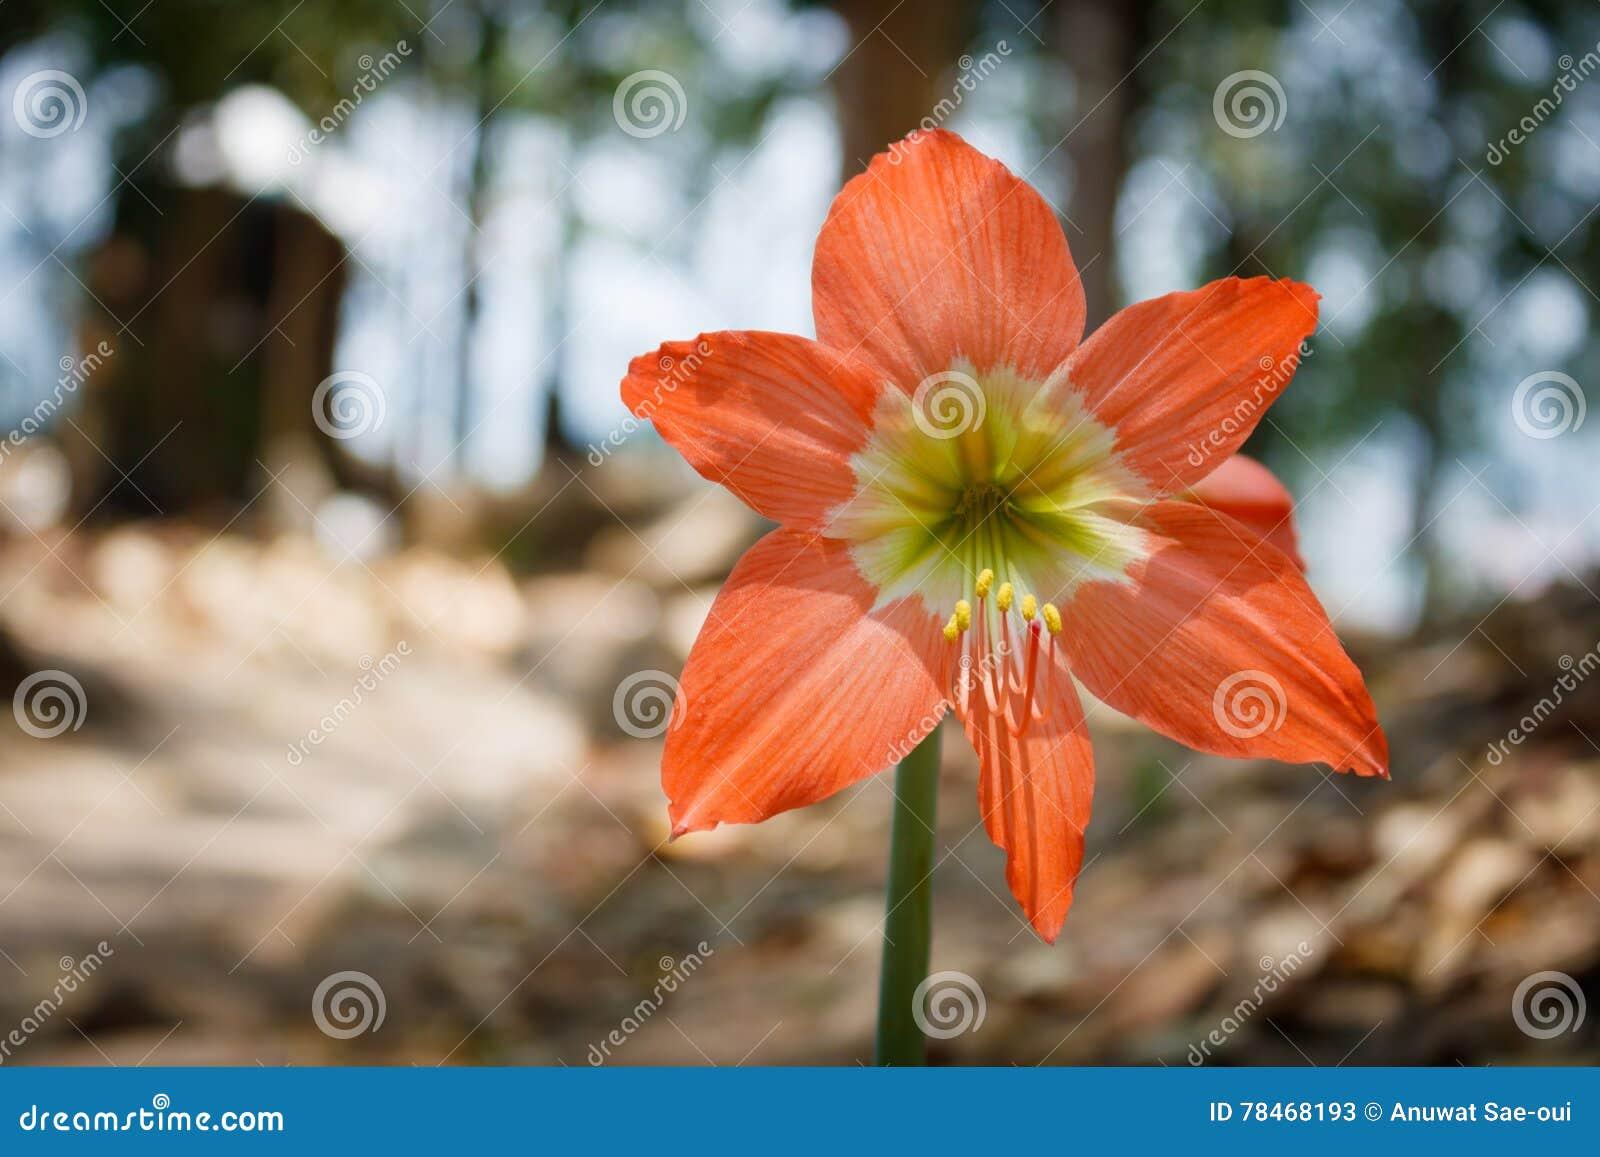 Hippeastrum lub Amaryllis kwiat